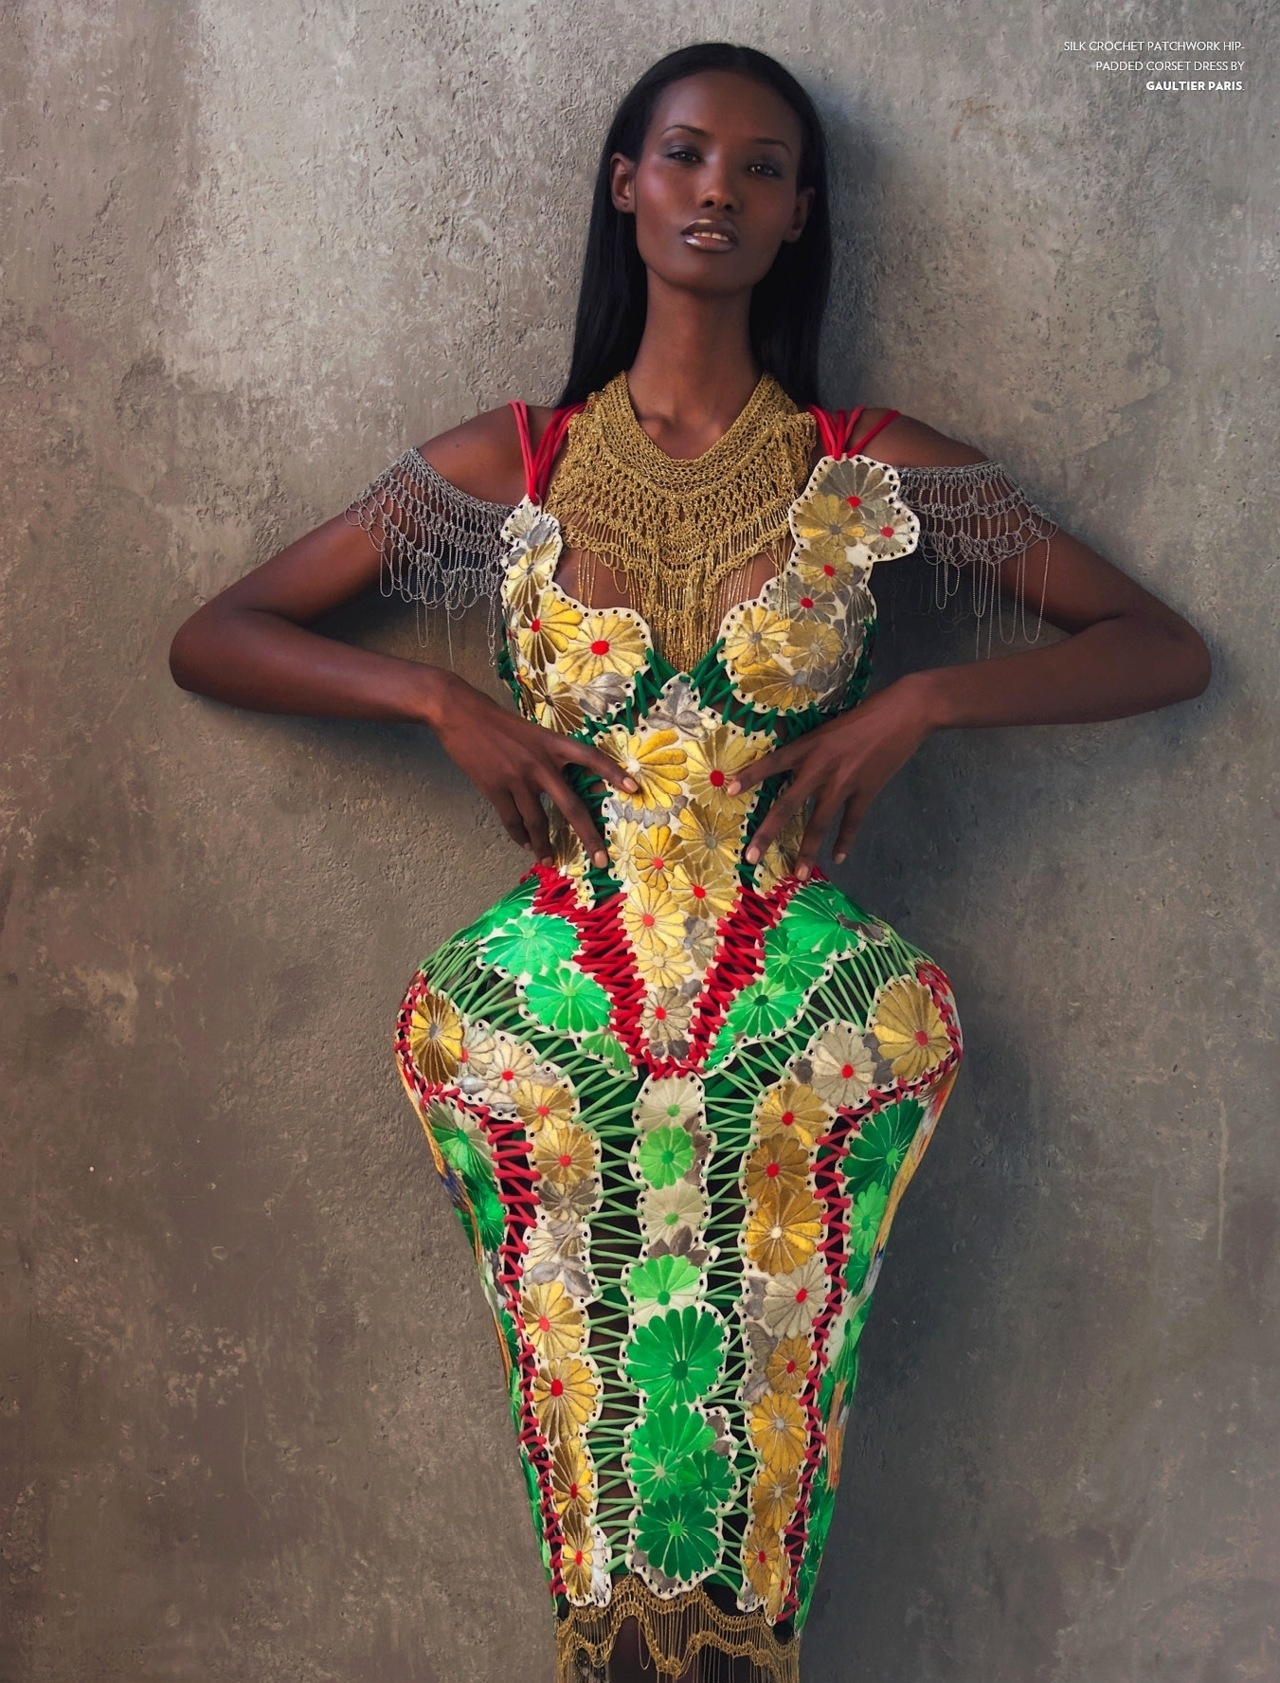 Фатима Сиад африканская модель